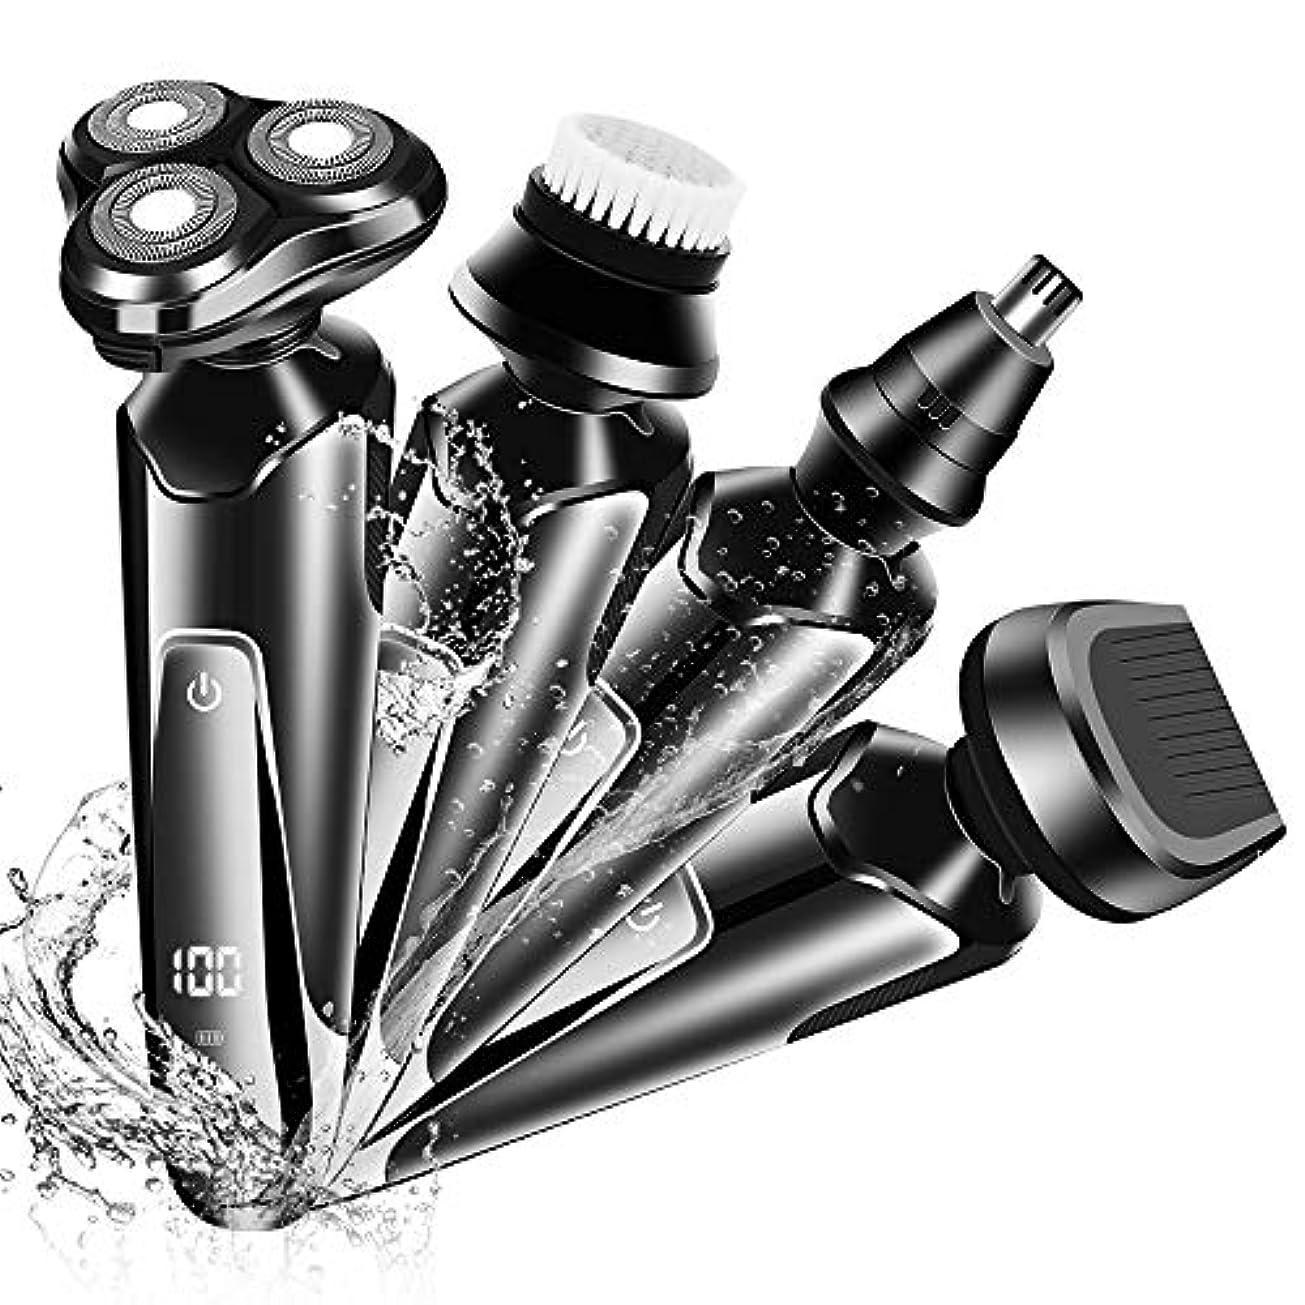 A-tion メンズシェーバー 電動シェーバー 多機能 シェーバー 電気シェーバー 電動ひげそり 電気カミソリ 3枚刃回転式 水洗い USB充電 旅行 4in1 髭剃り 鼻毛カッター トリマー 洗顔ブラシ付き